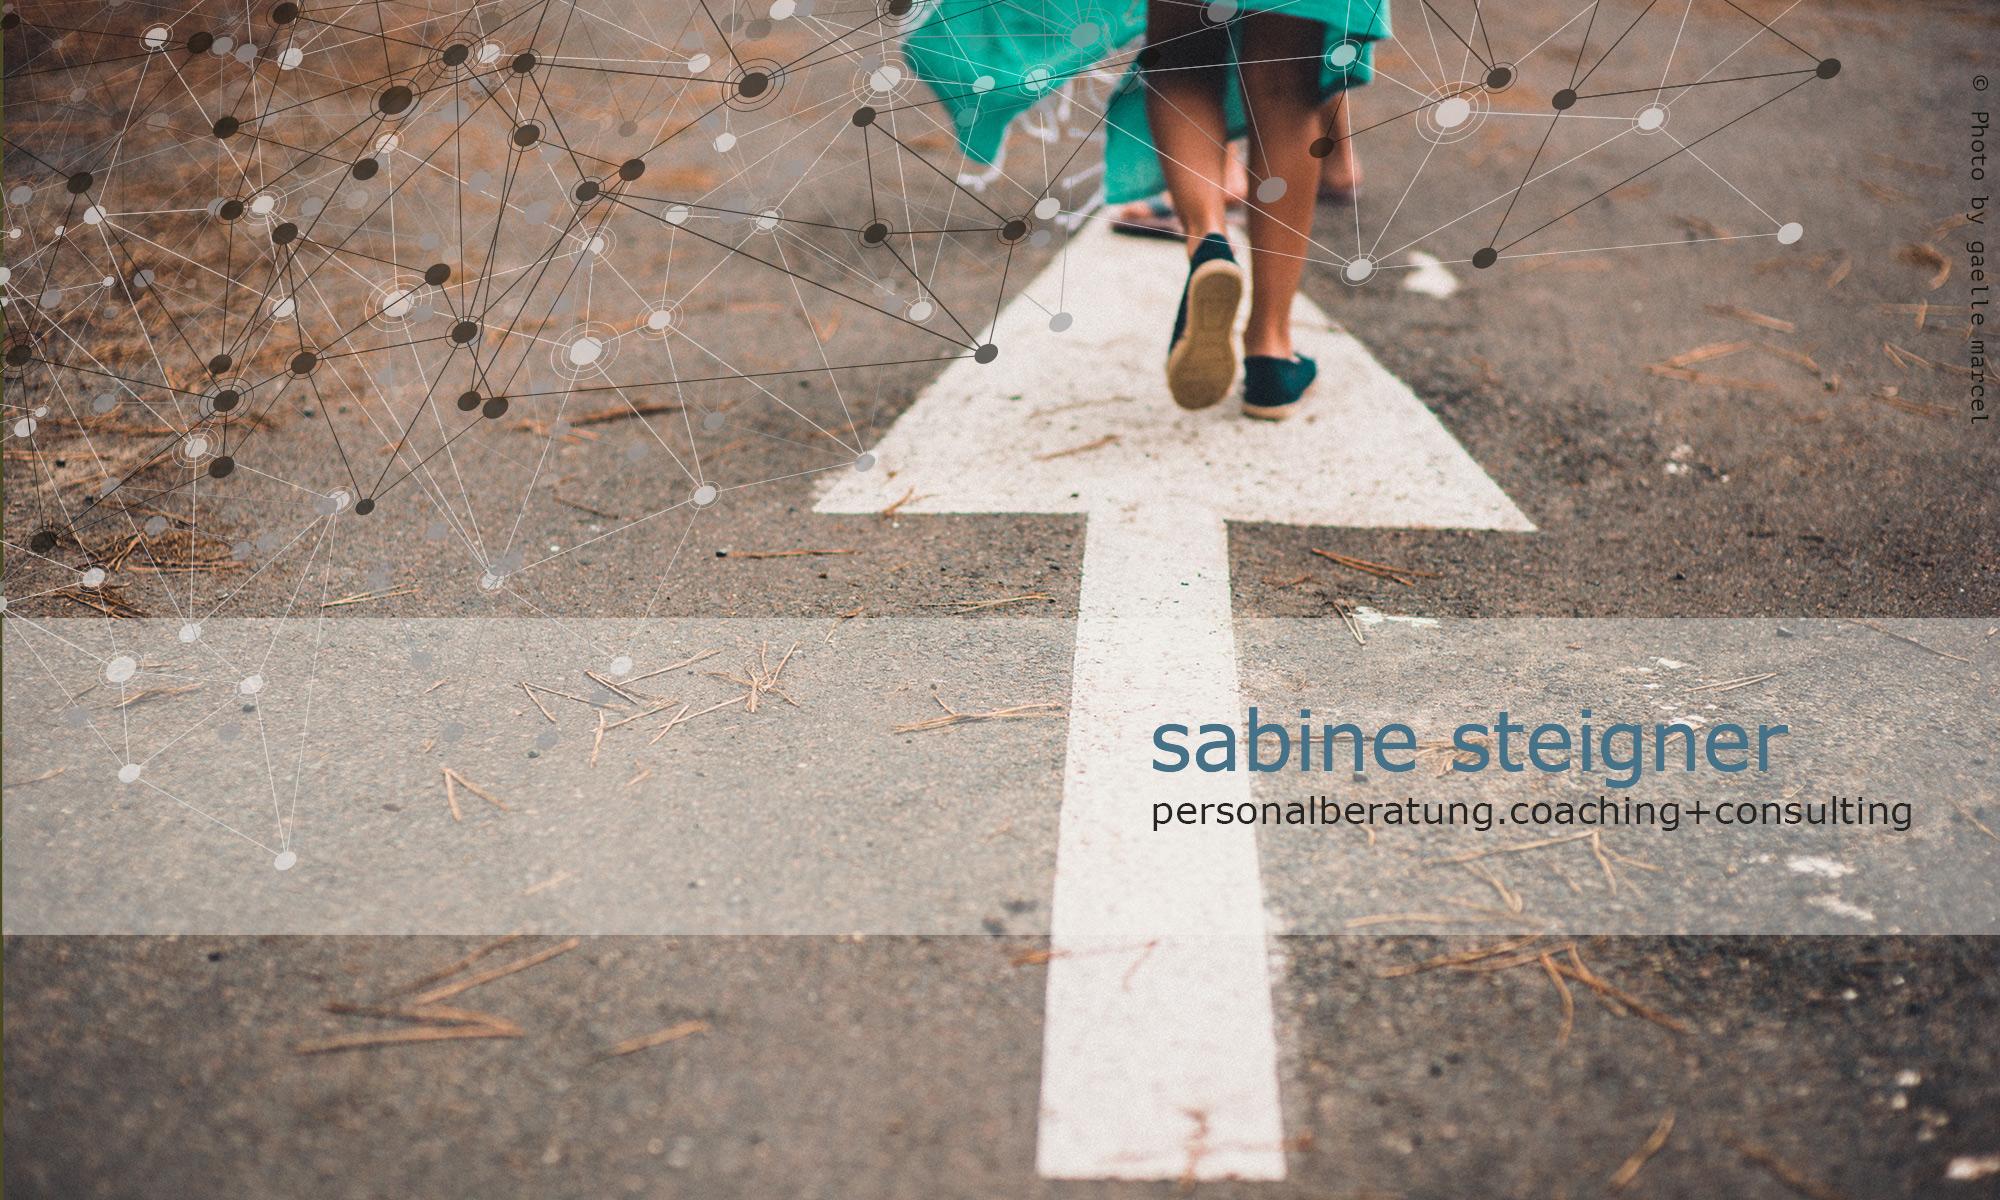 Sabine Steigner - rendezvous der lösungen